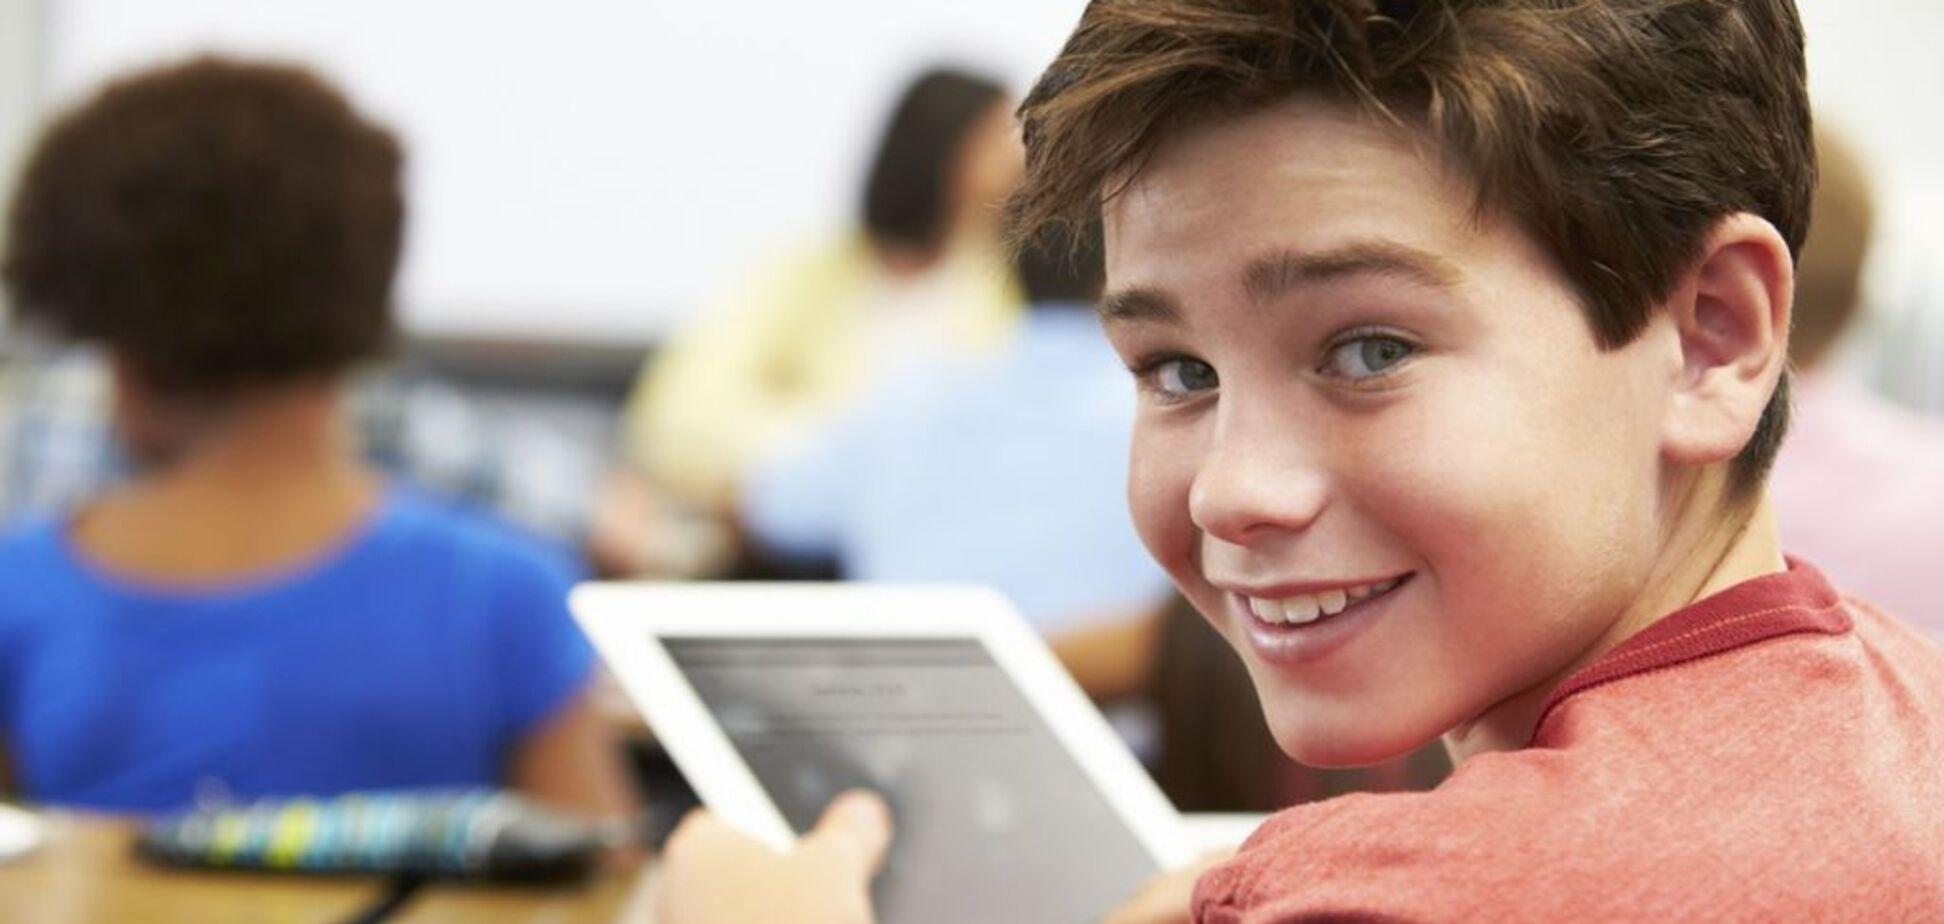 Онлайн-приложения, которые могут пригодиться школьникам